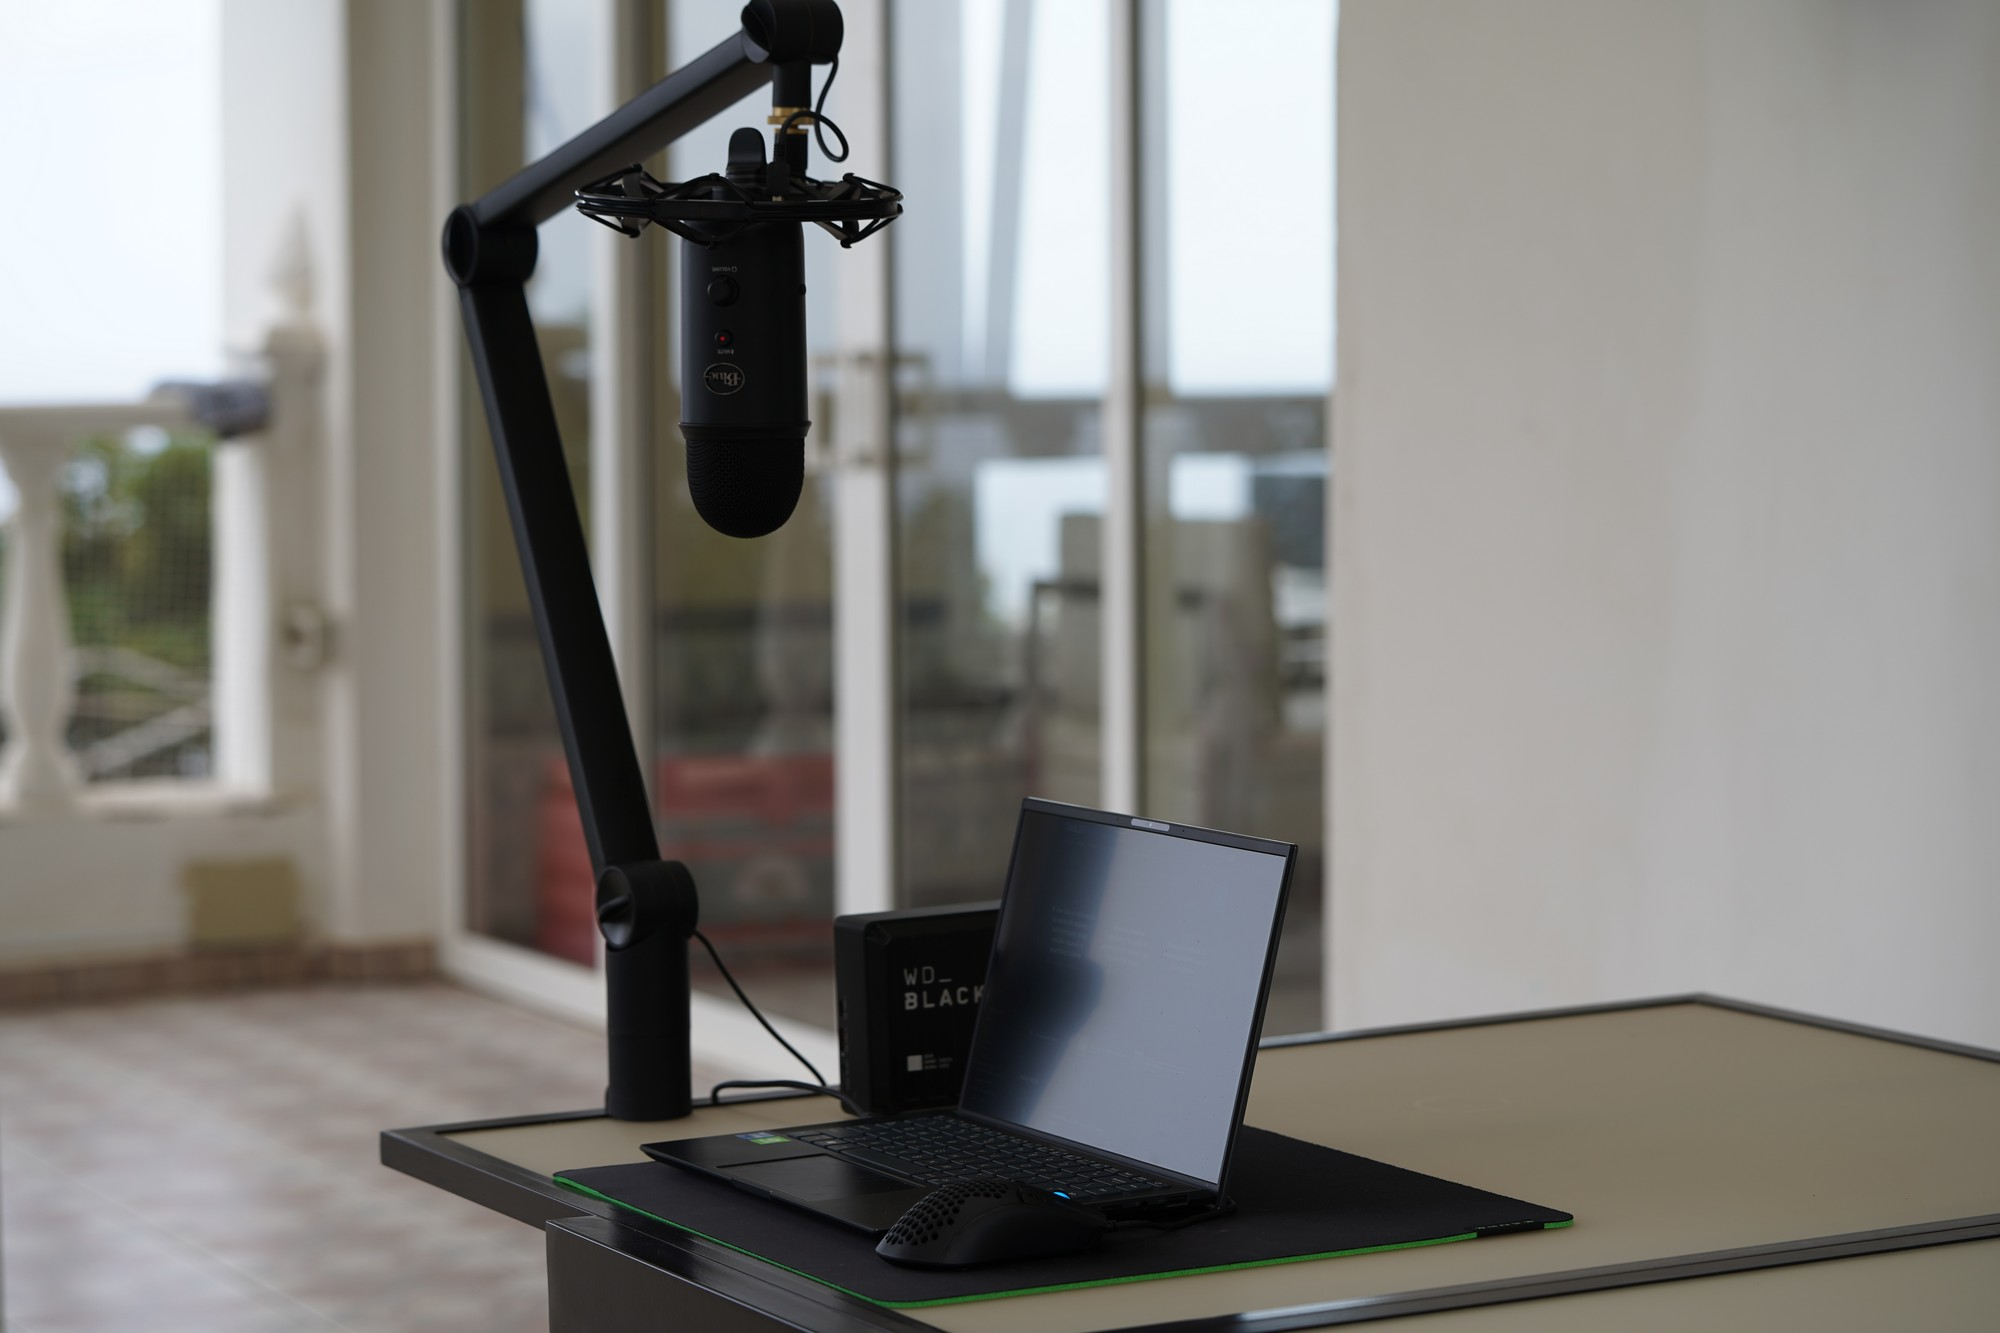 Wielkie porównanie pojemnościowych mikrofonów - Blue Yeticaster Broadcast Bundle